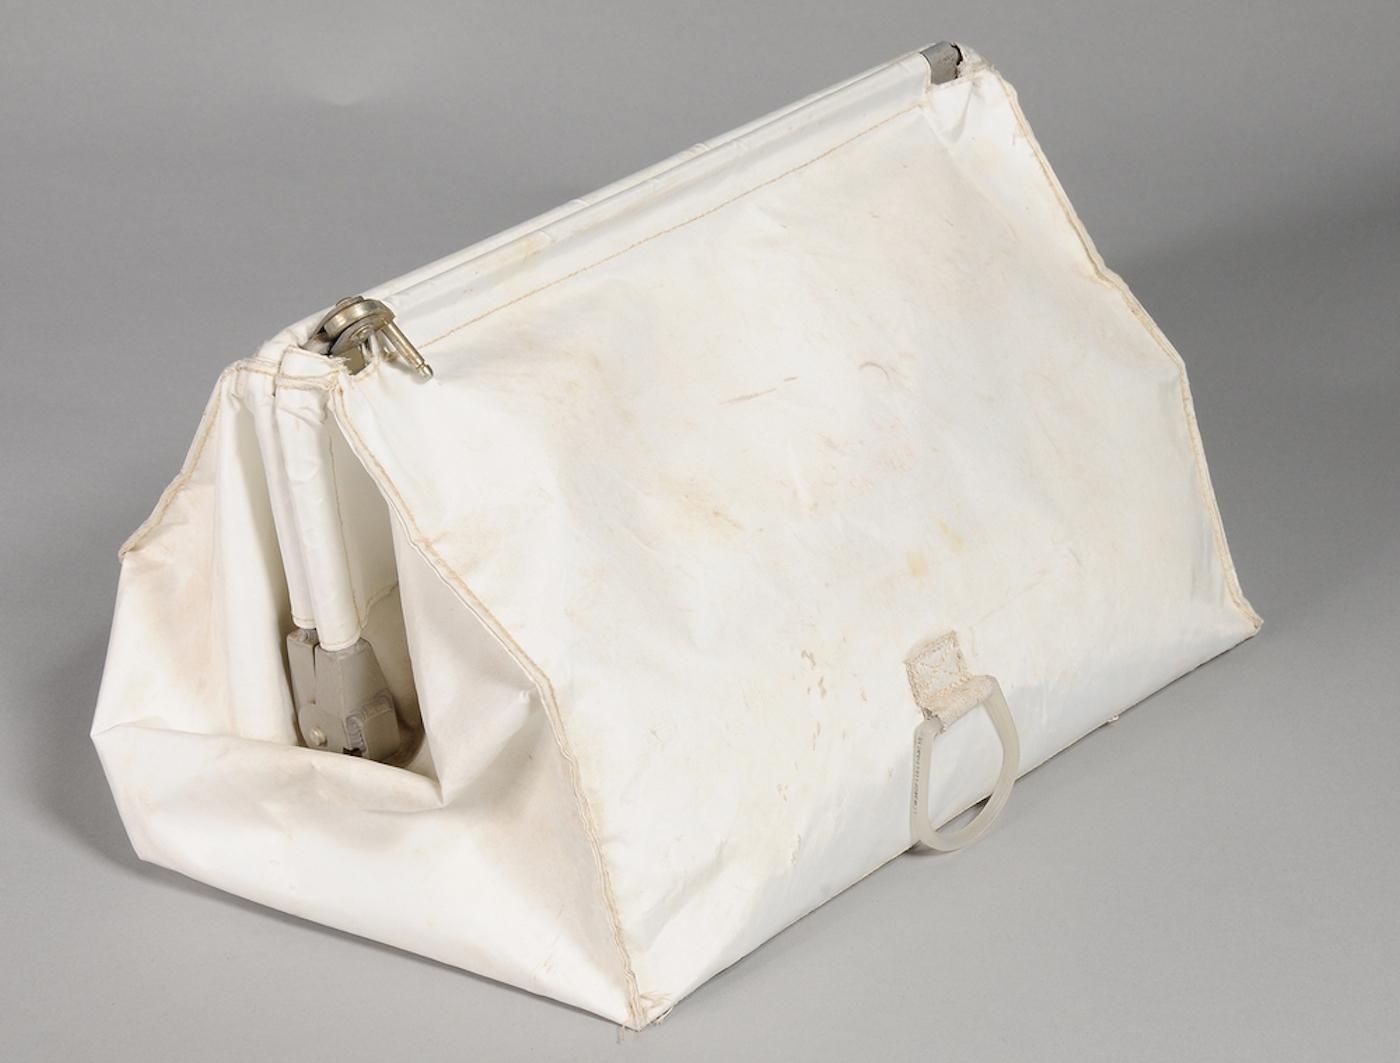 Apollo 11 camera lost Cloth Bag Found in Closet Containing Apollo 11 Items